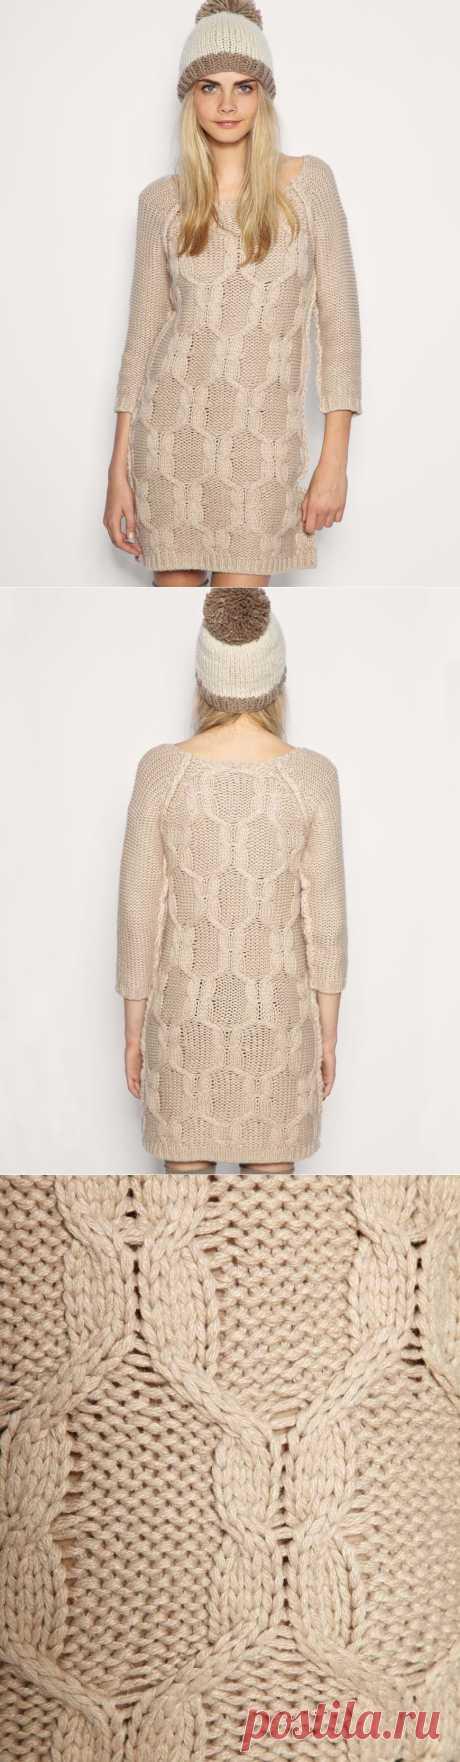 бежевое платье (идея для вязания).